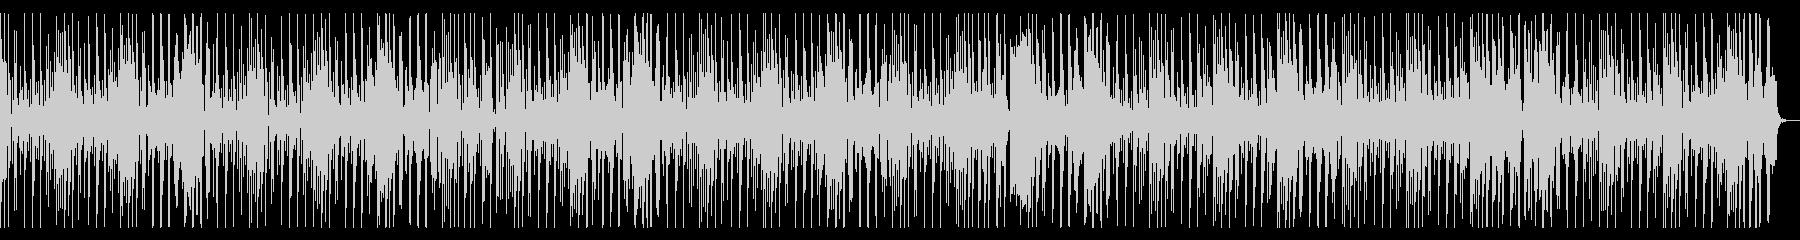 ループ仕様・ファンキーなギター&ベースの未再生の波形